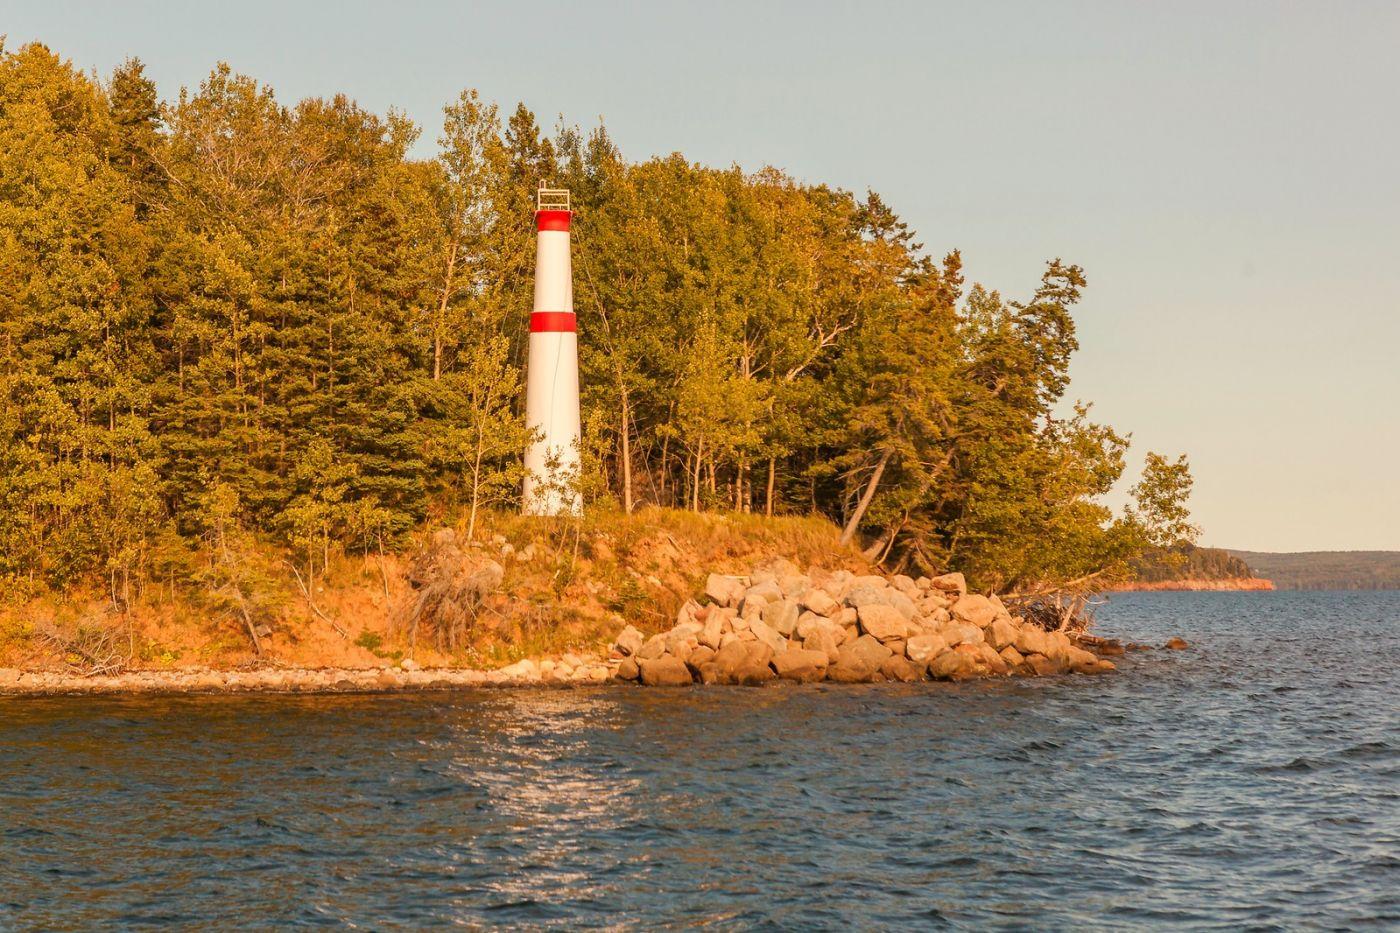 加拿大Nova Scotia, 帆船灯塔老鹰_图1-10